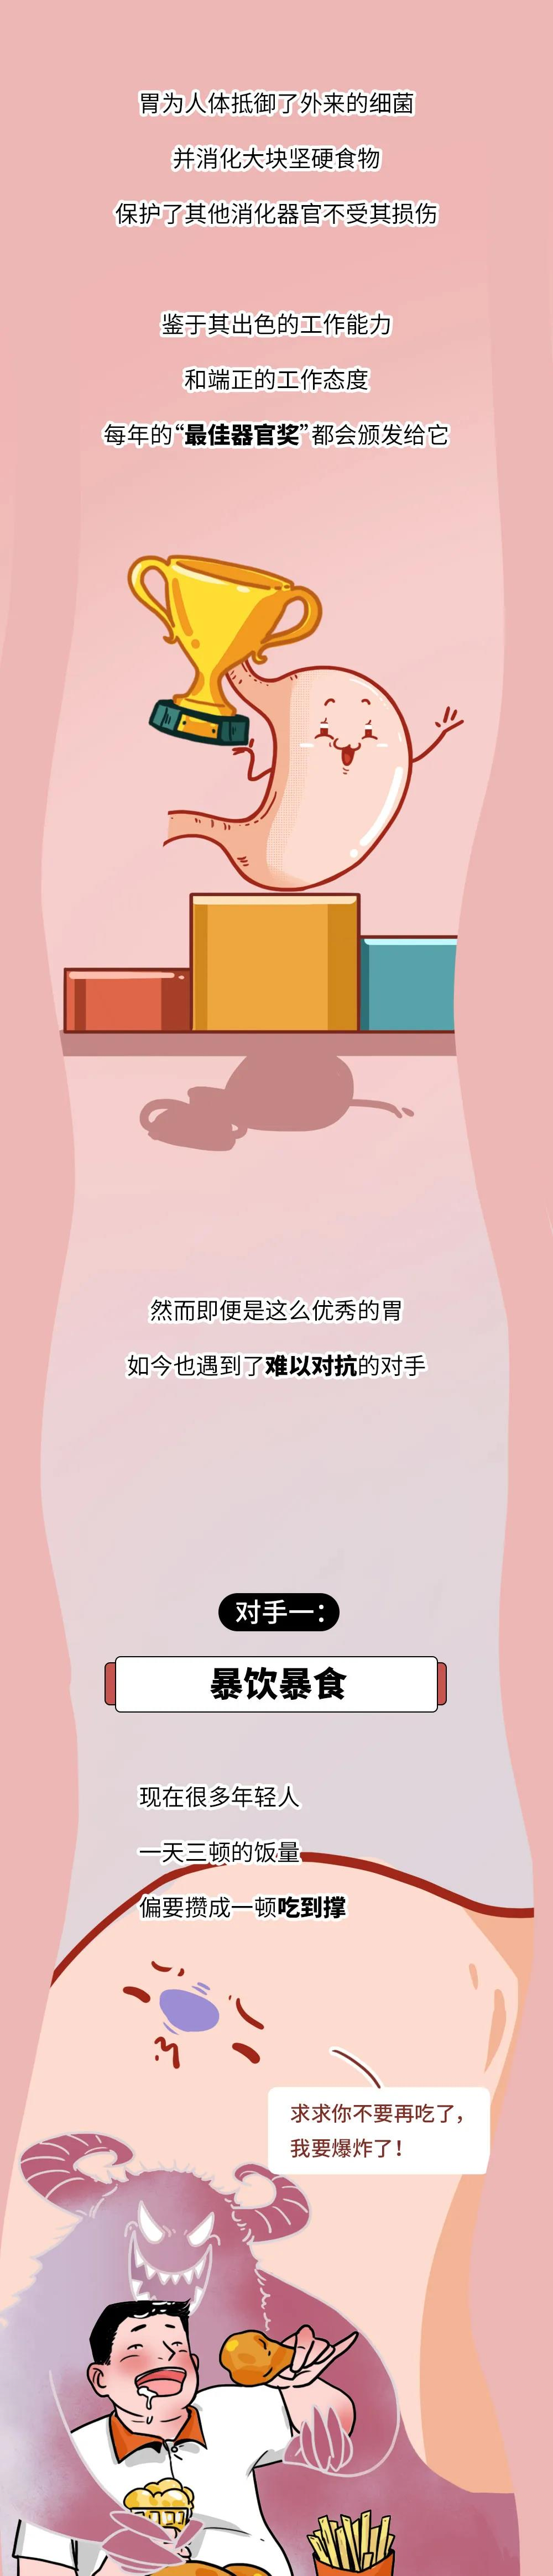 微信图片_20200508124135.jpg